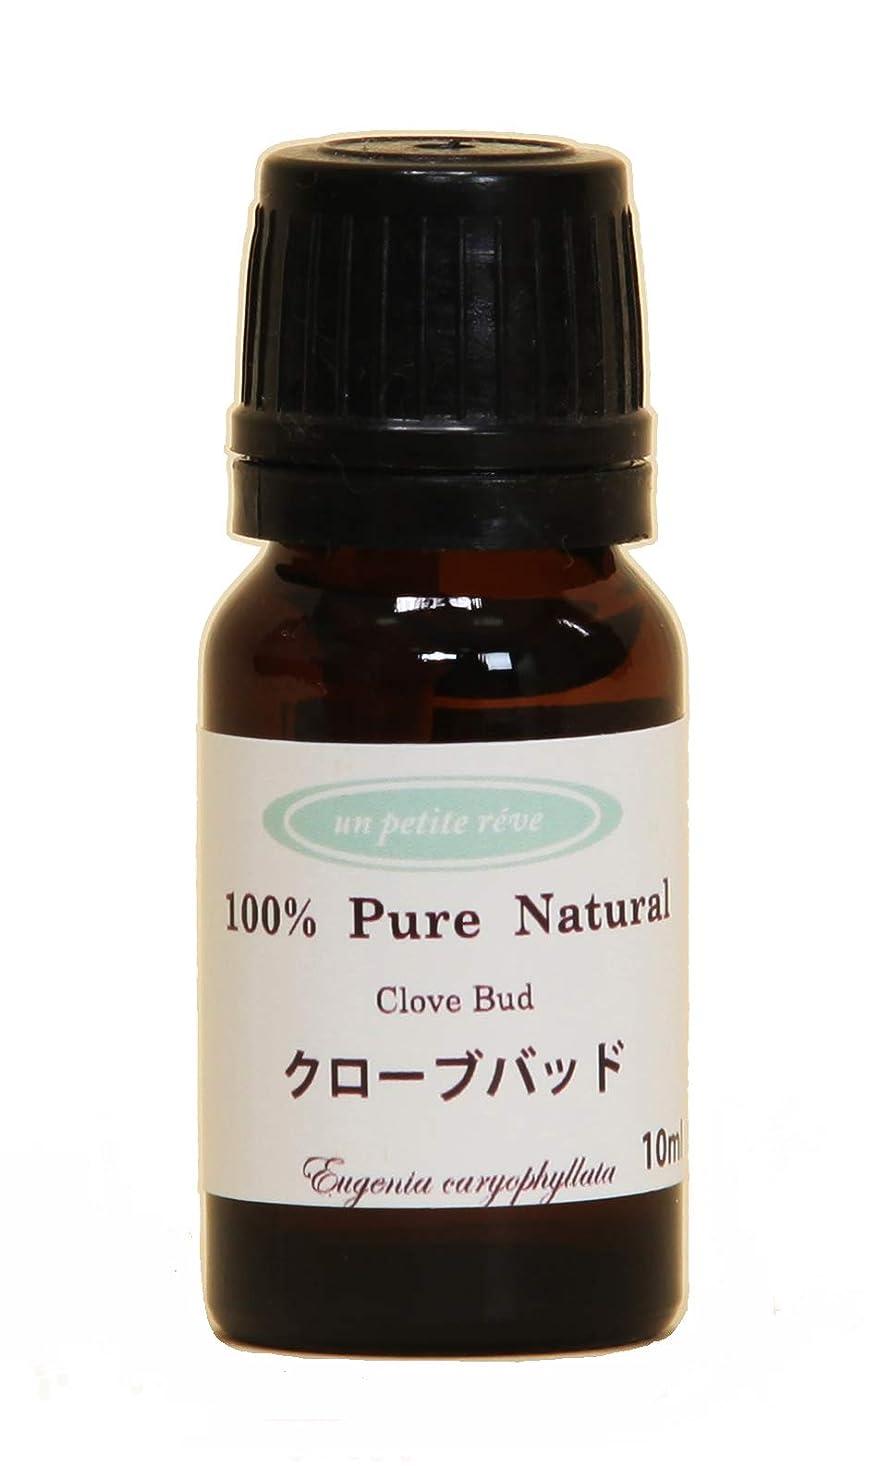 無限書道味付けクローブバッド 10ml 100%天然アロマエッセンシャルオイル(精油)